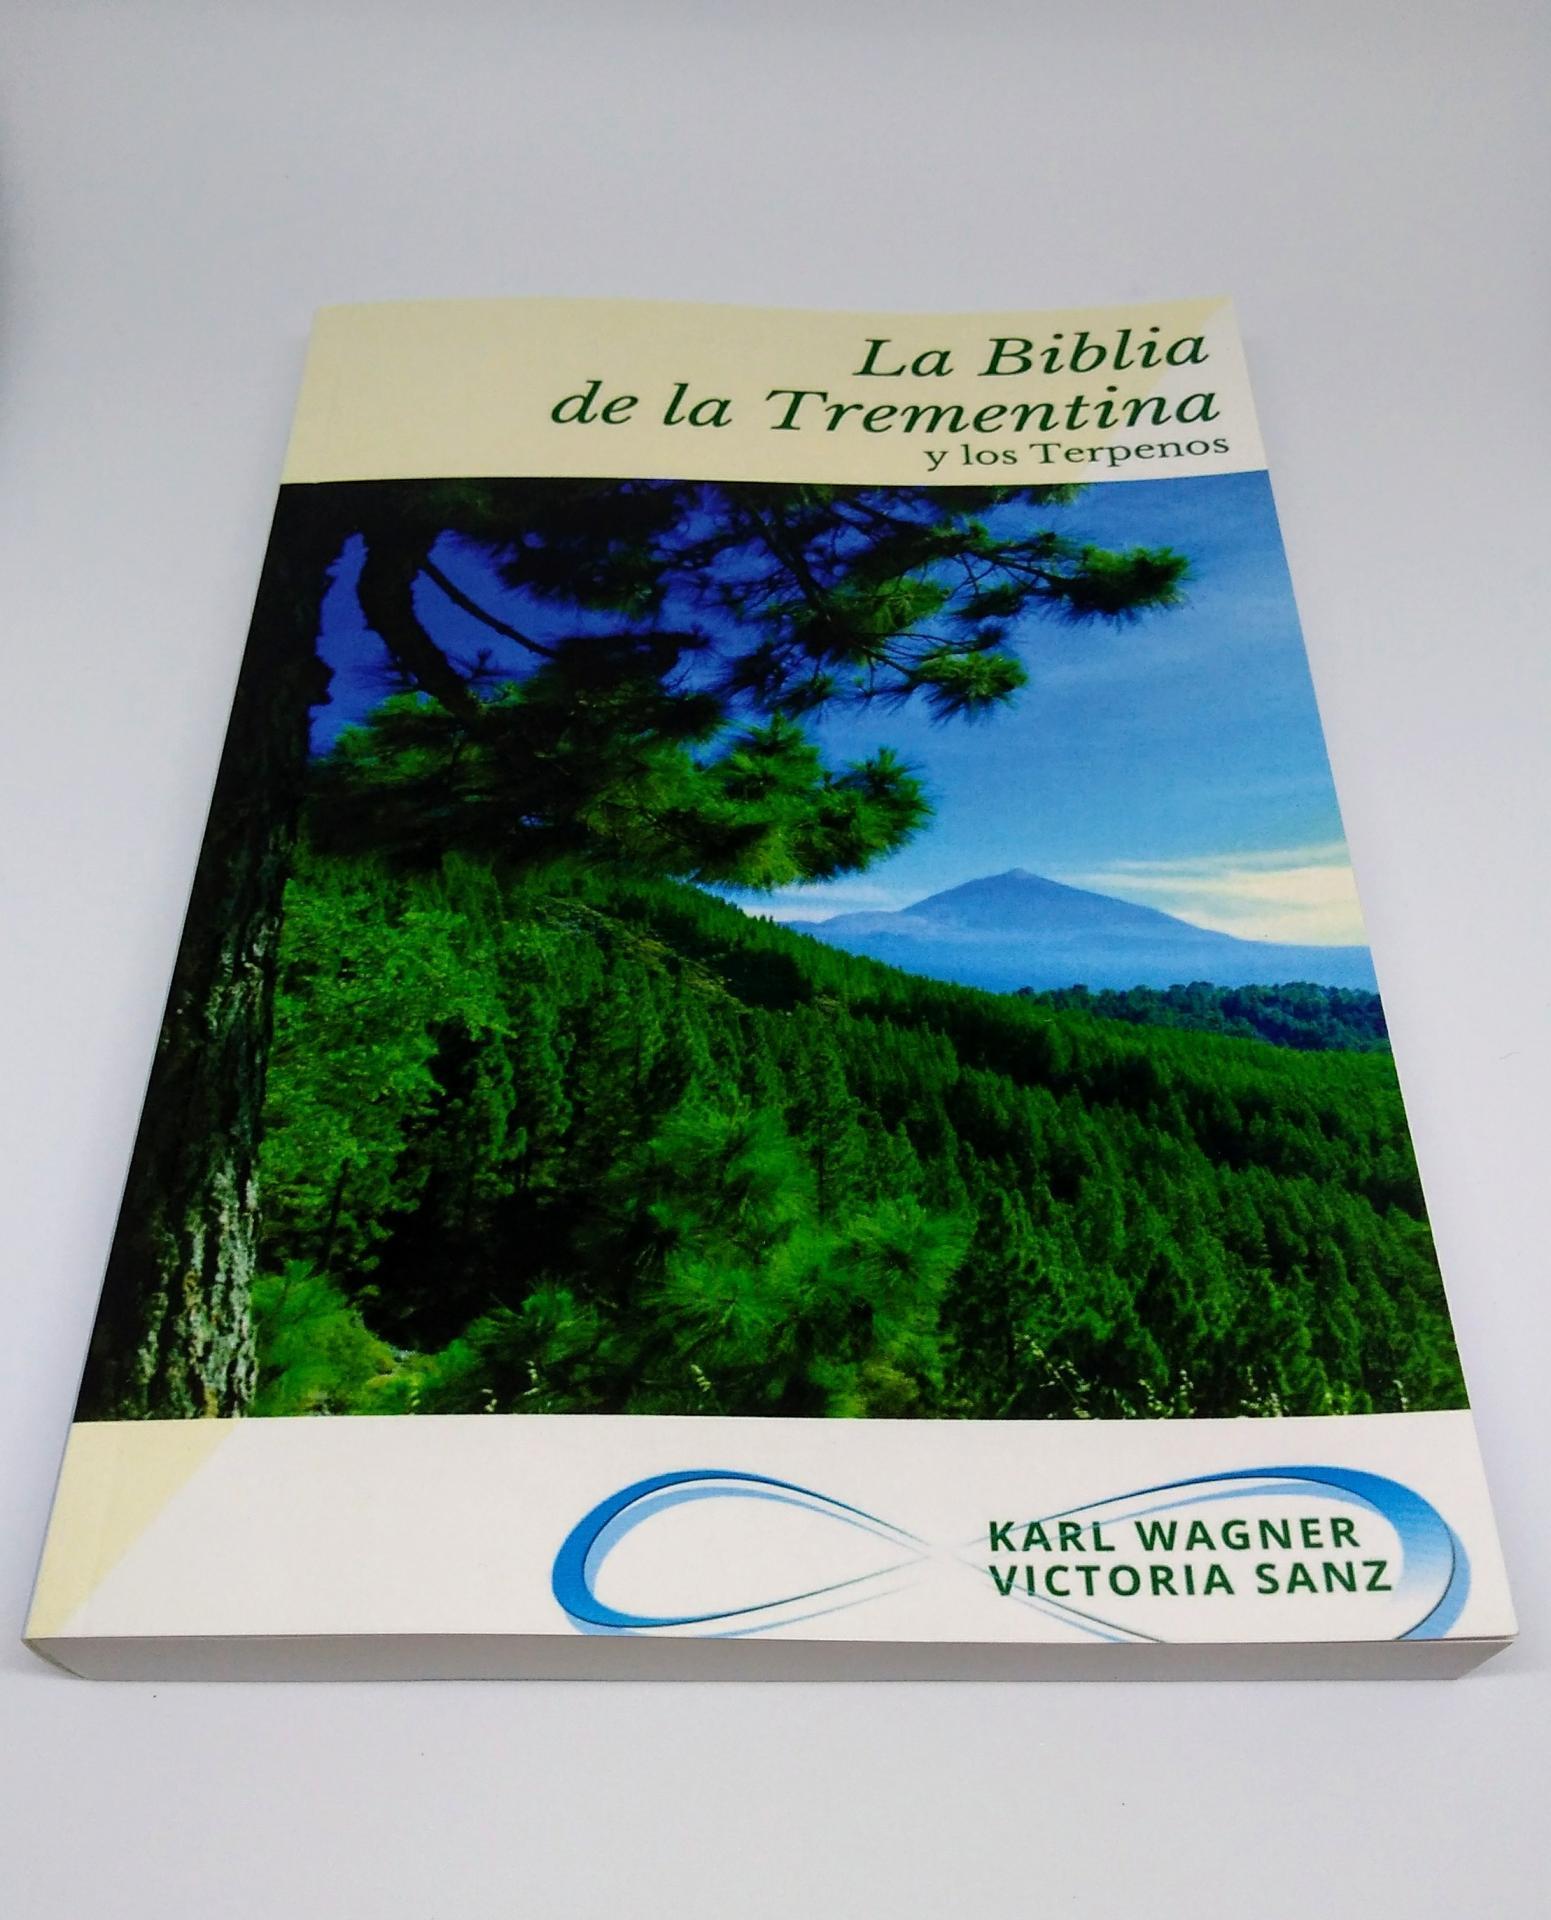 Biblia de la Trementina La Biblia de la Trementina y los Terpenos